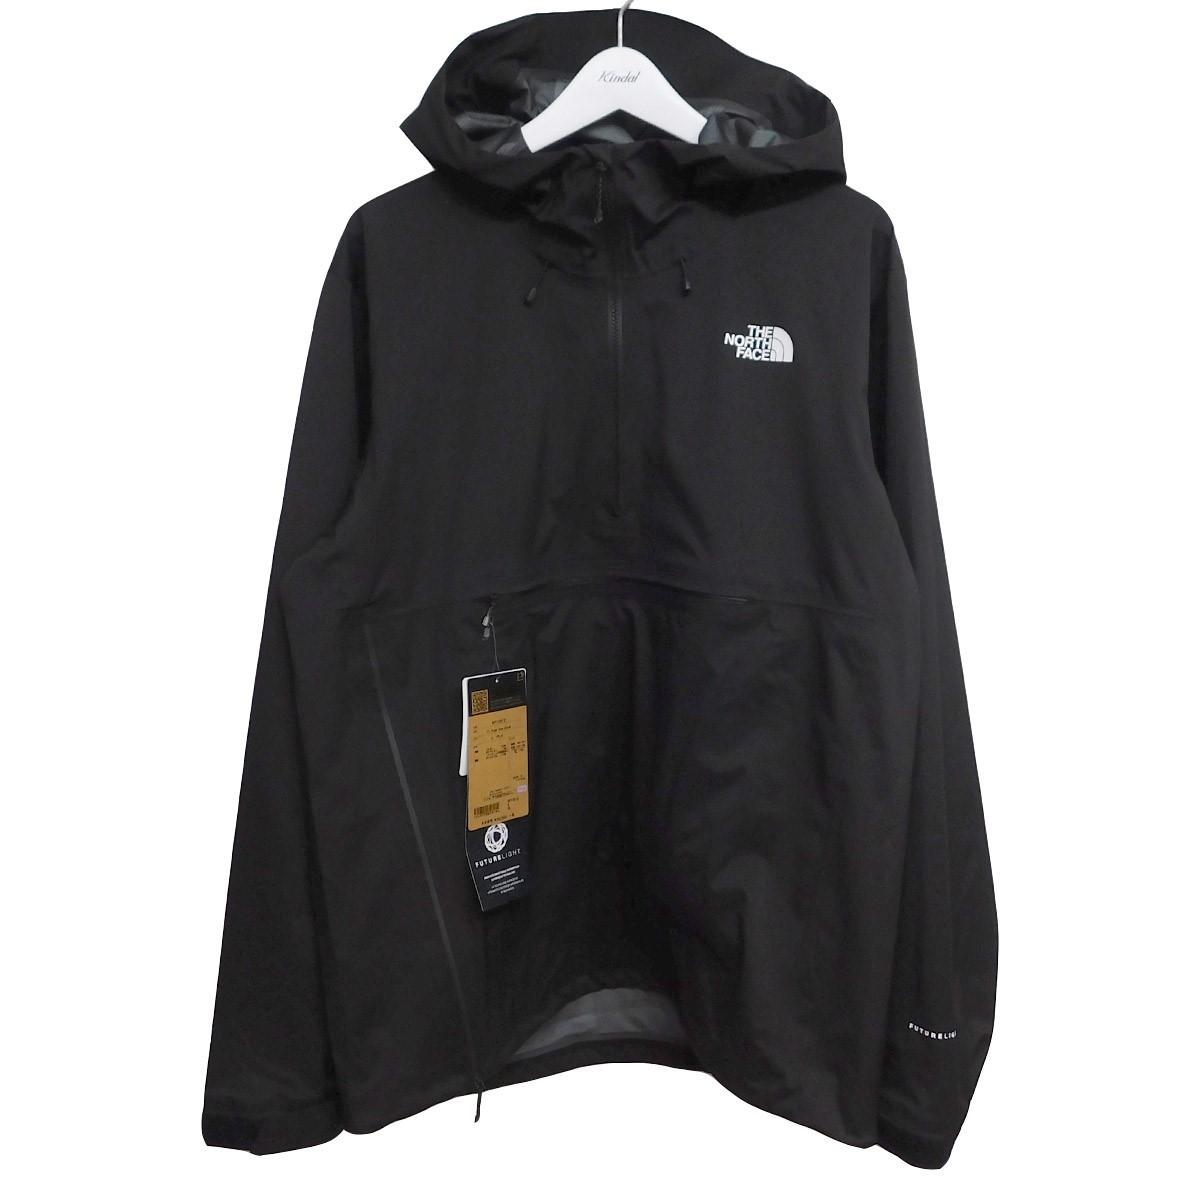 【中古】THE NORTH FACE FL Super Haze Anorak アノラックジャケット NP12012 ブラック サイズ:XL 【280720】(ザノースフェイス)